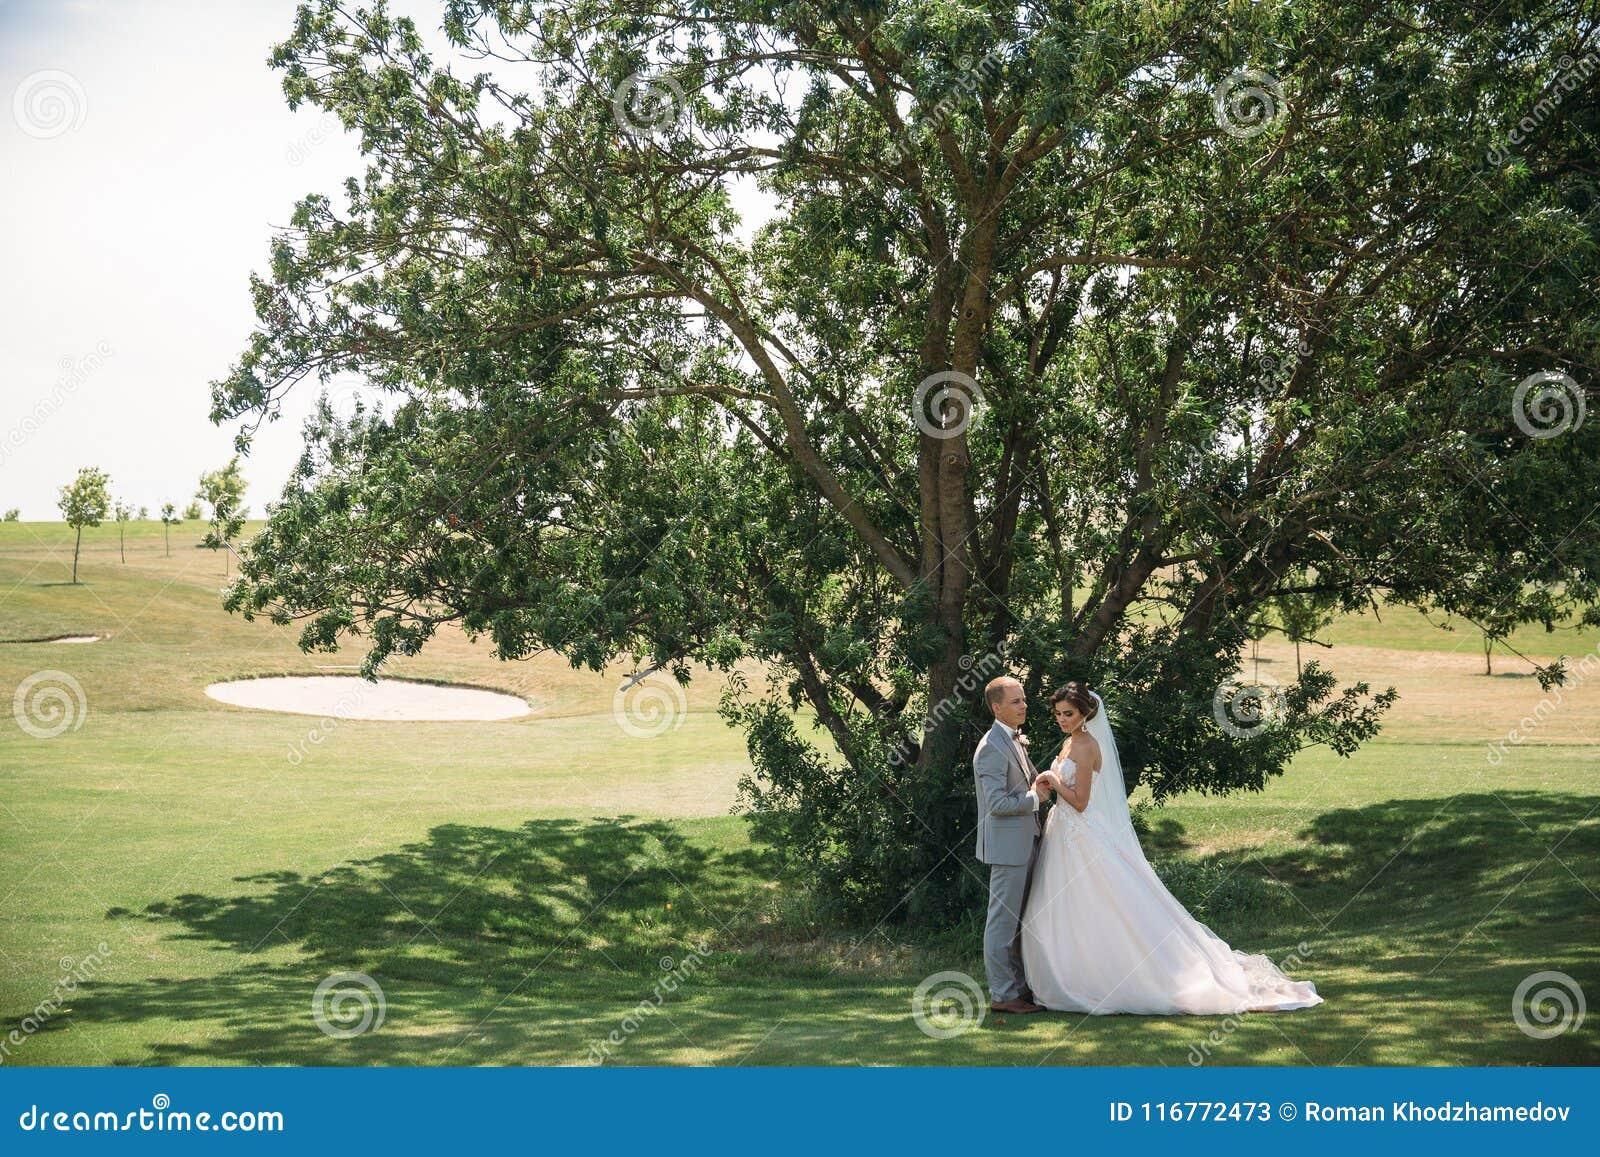 Nygifta personer på en grön trädbakgrund i en golfklubb på en bröllopdag Brudgummen i en affärsdräkt är grå färg och bruden